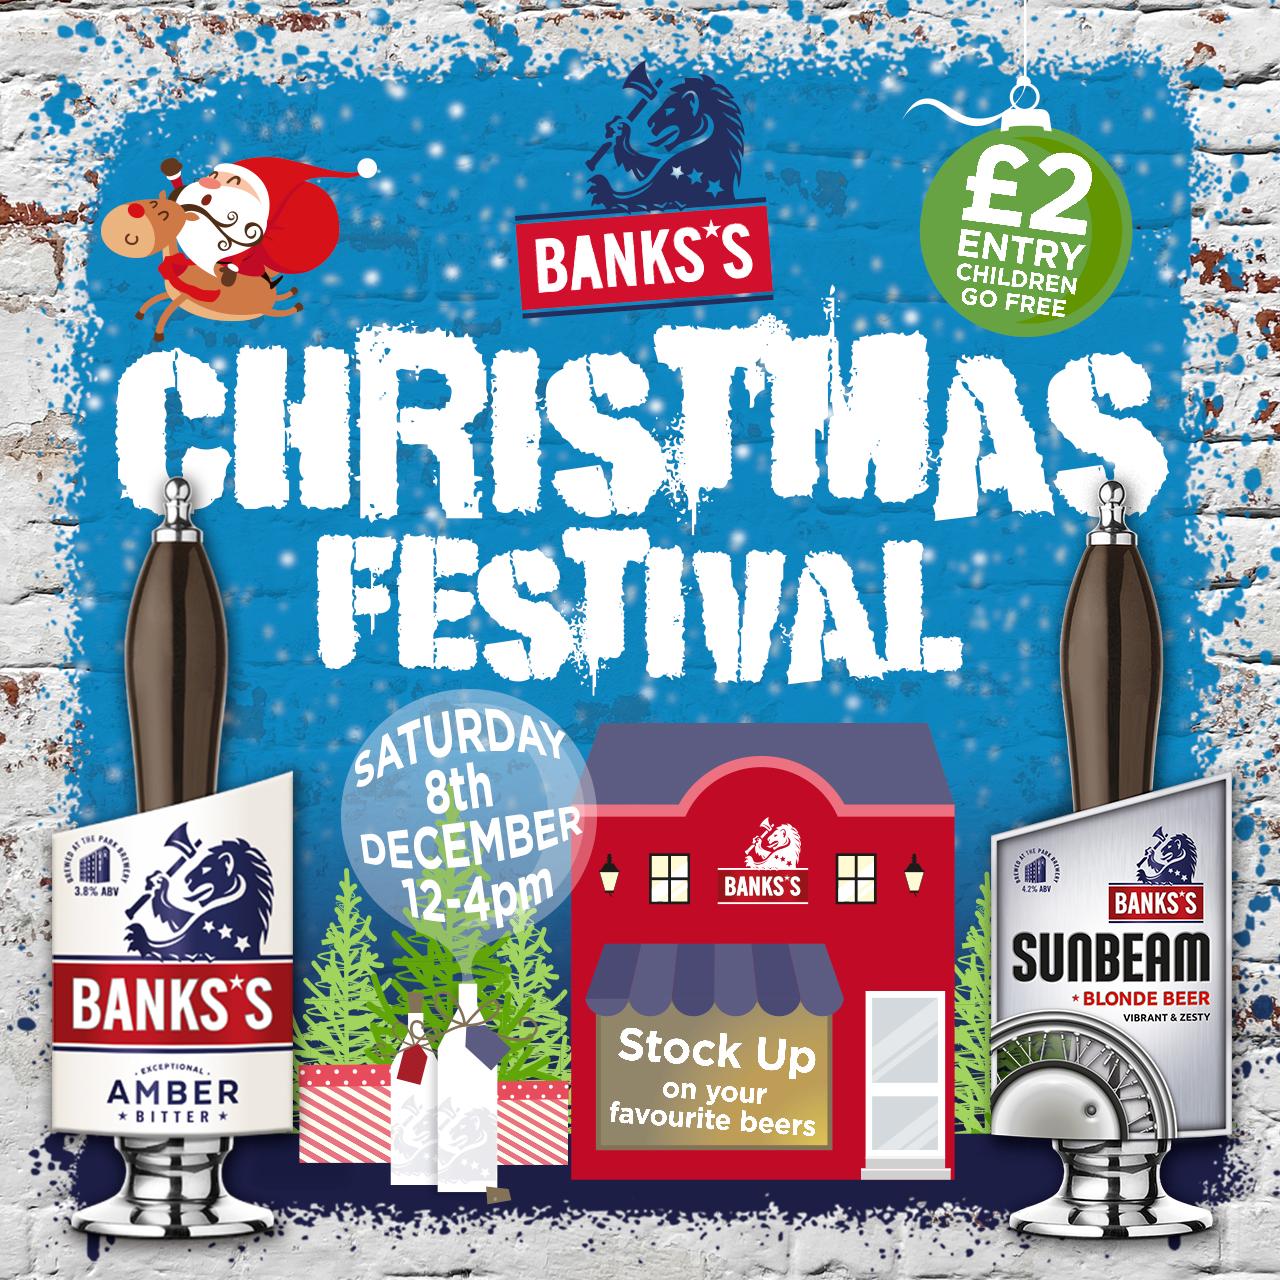 Banks's Christmas Festival